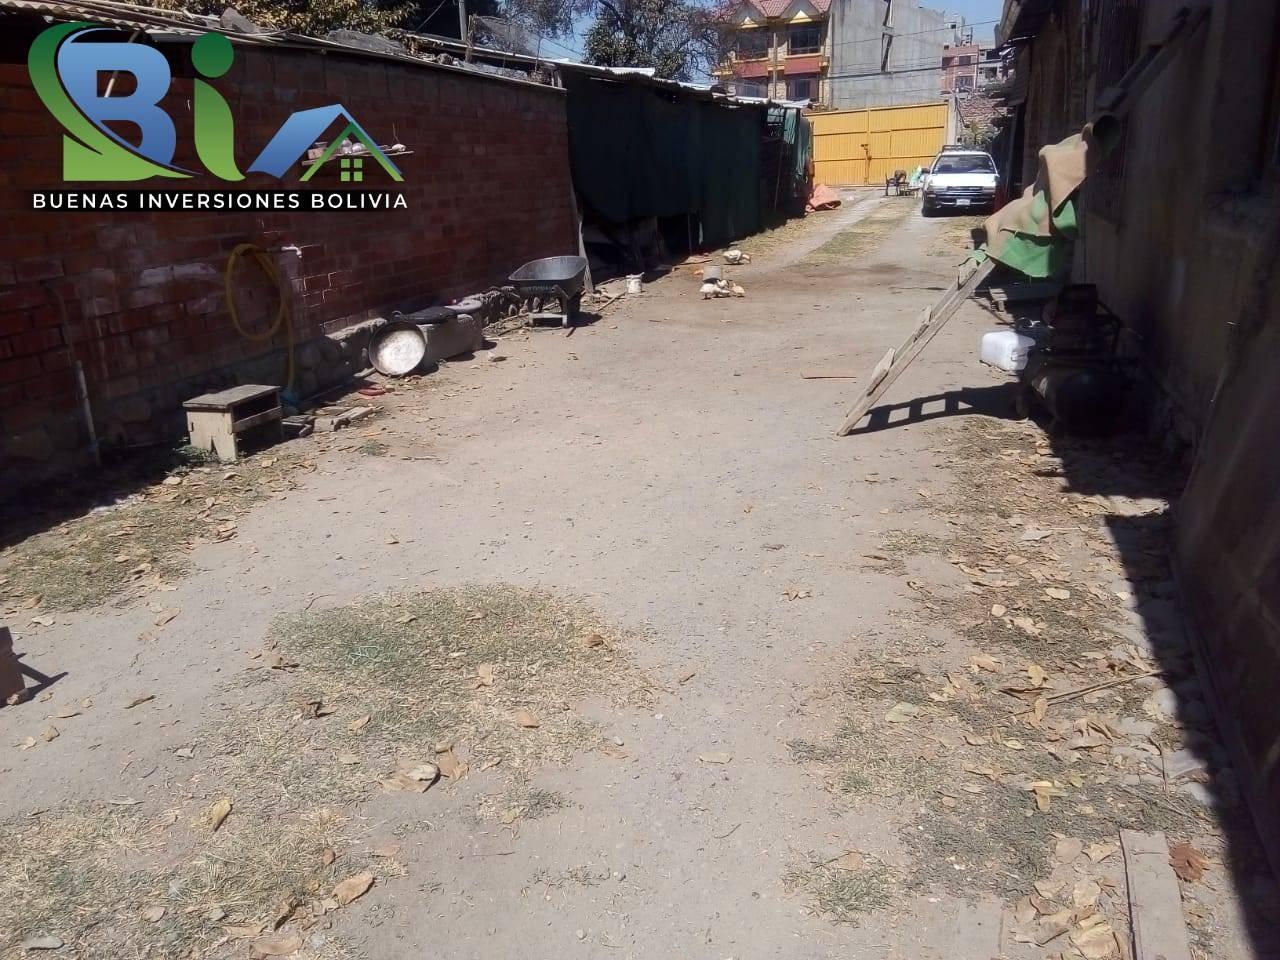 Terreno en Venta PROPIEDAD COMERCIAL SUP. TOTAL 3050M2 Aprox. A UNA CUADRA AV. BLANCO GALINDO  ZONA QUILLACOLLO Foto 2